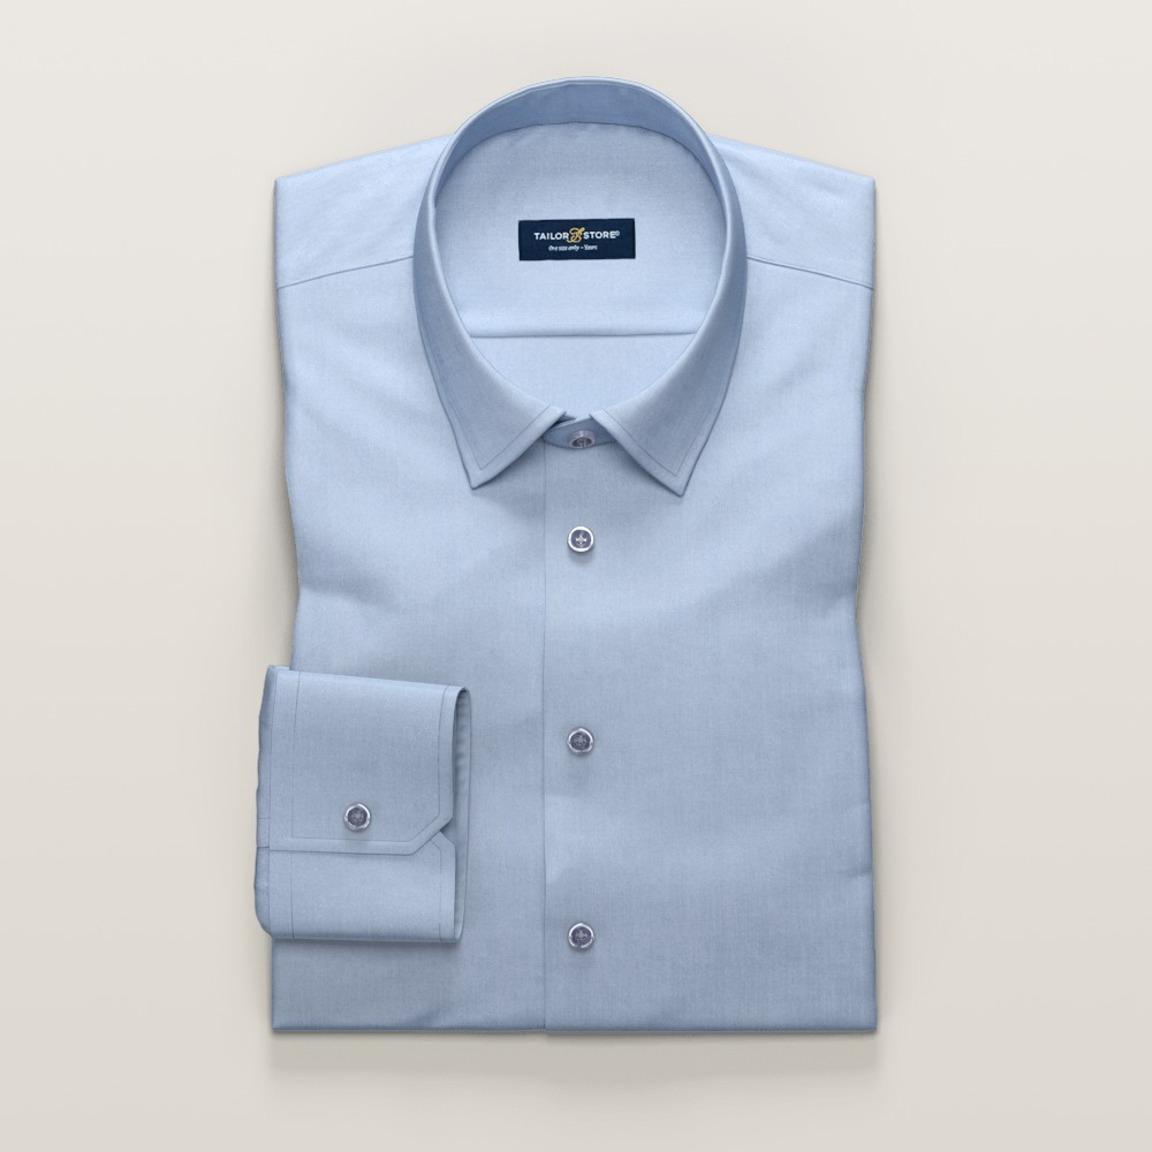 Bügelfreies Business-Hemd aus hellblauem Twill